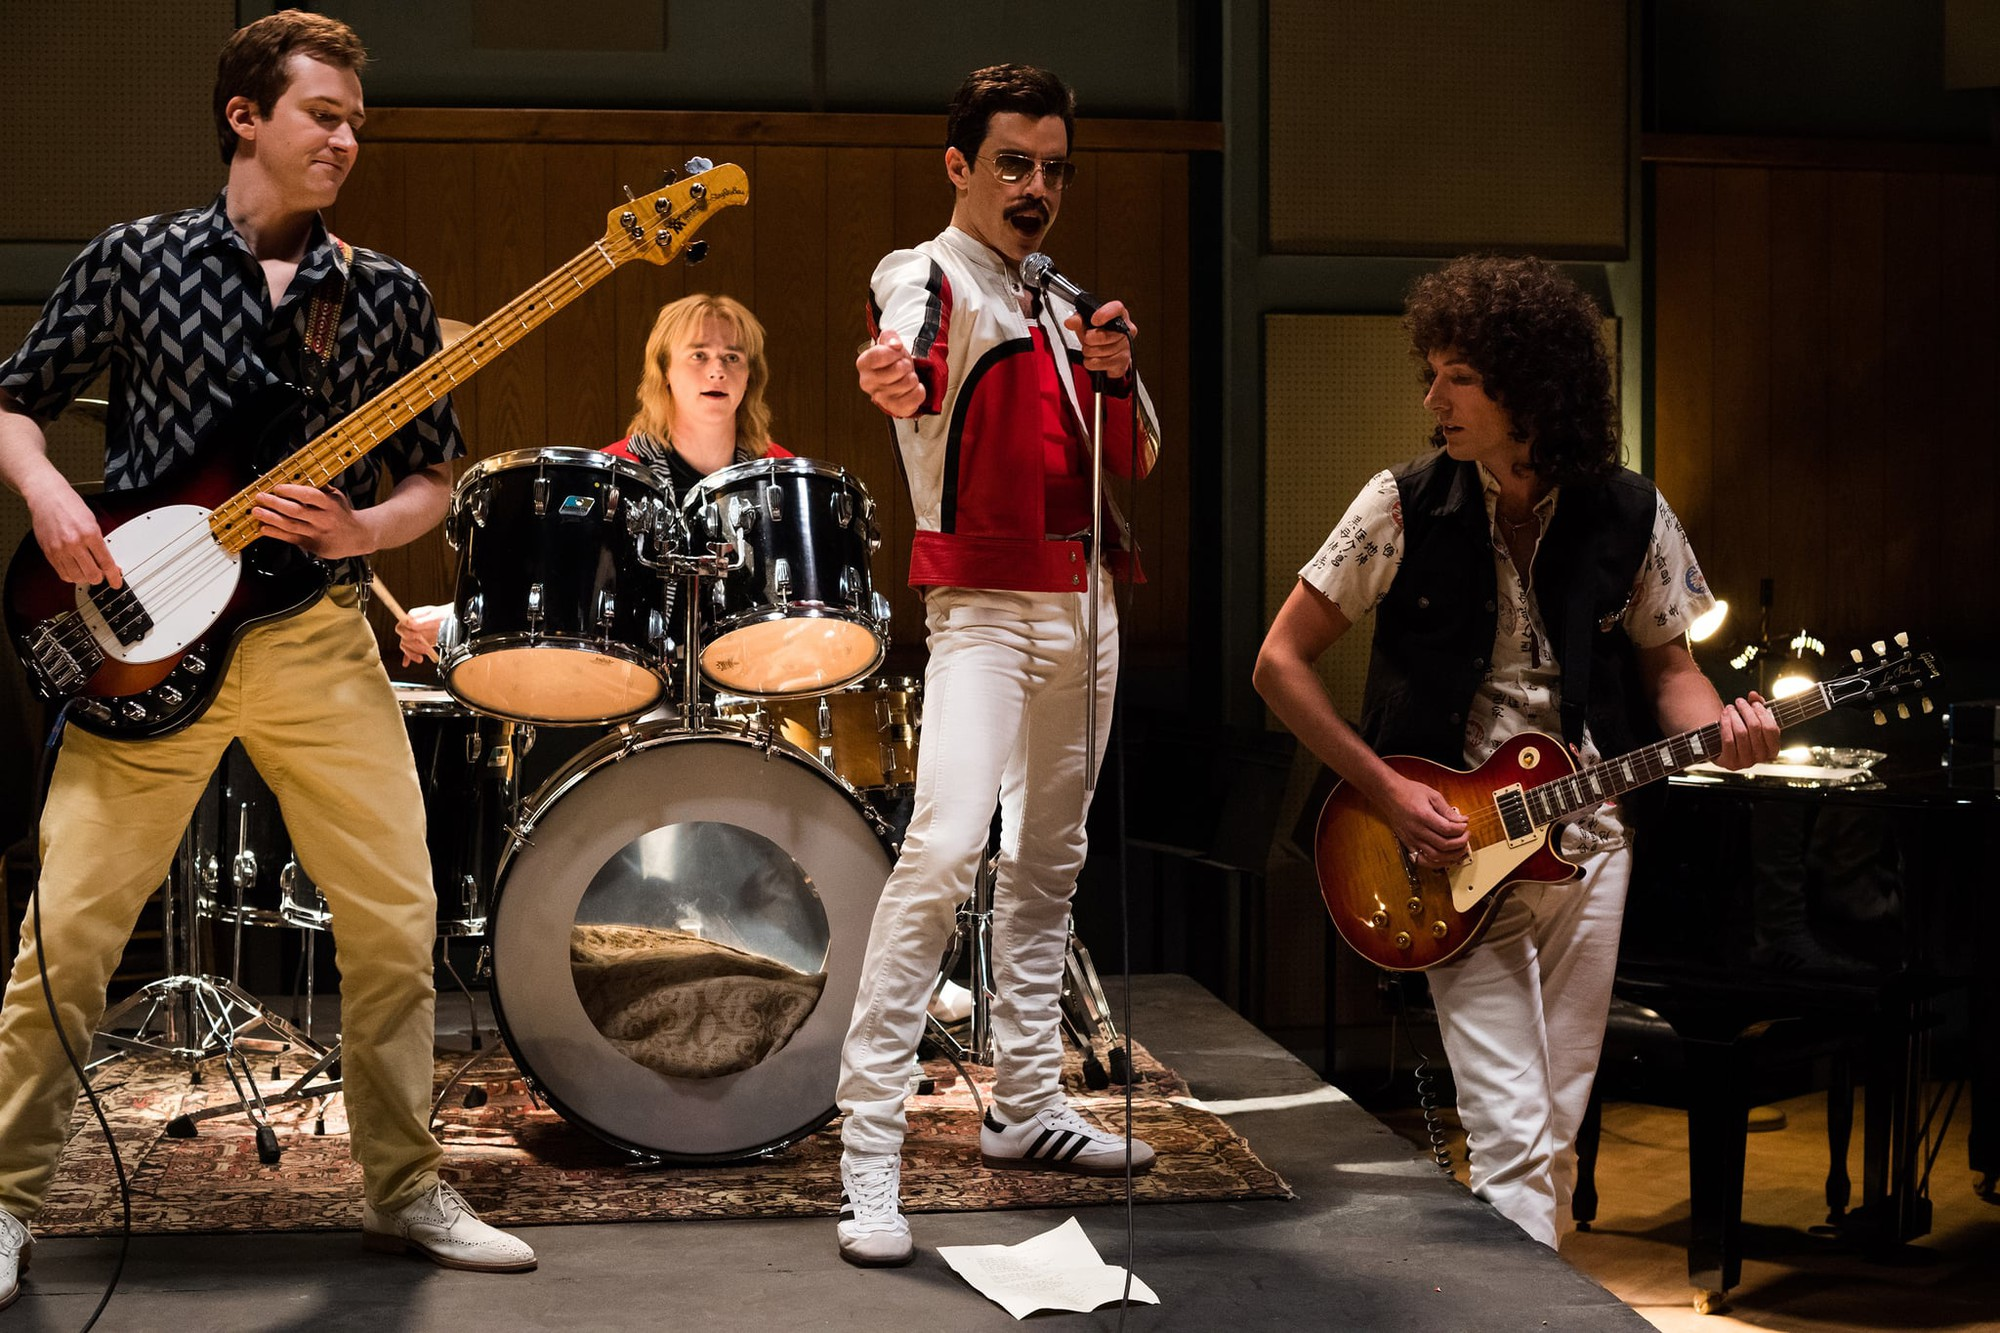 Bohemian Rhapsody: Tái hiện cảm động cuộc đời cống hiến của một tượng đài âm nhạc - Ảnh 4.